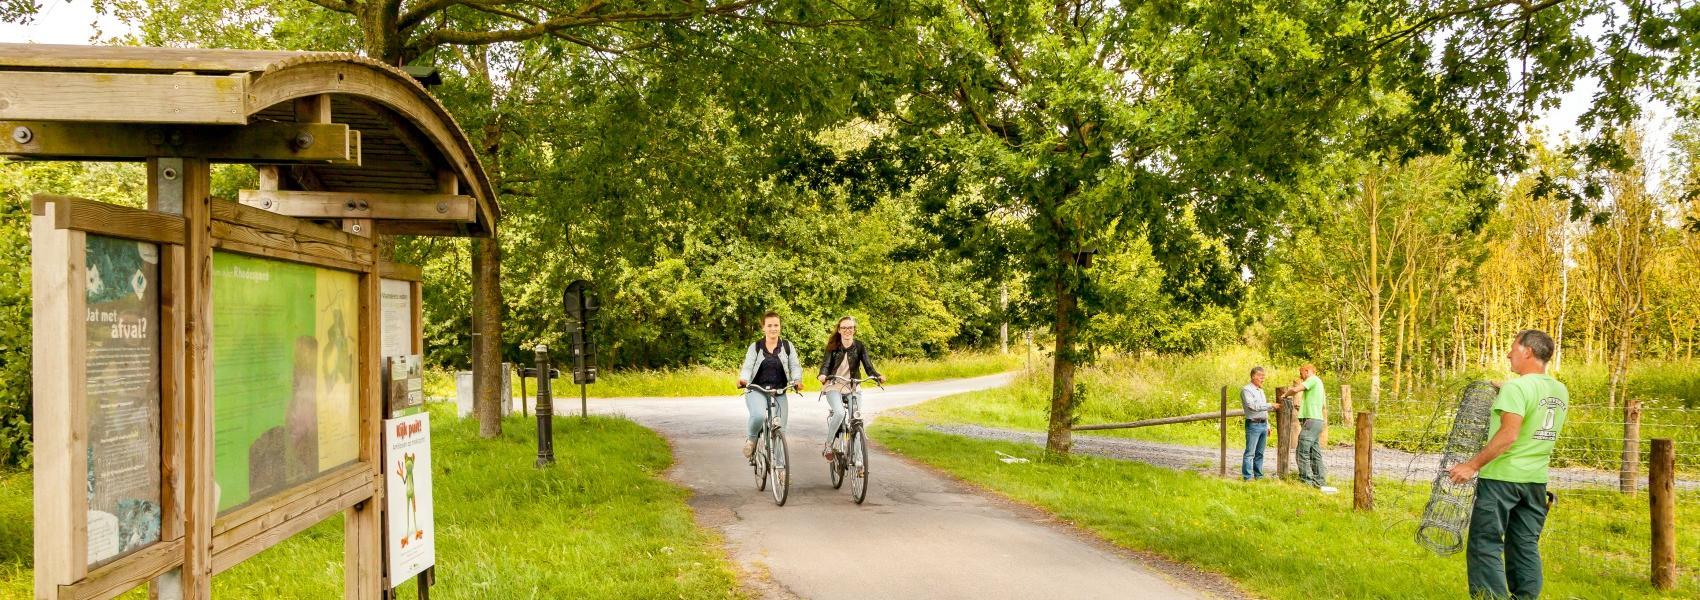 2 fietsers langs infobord